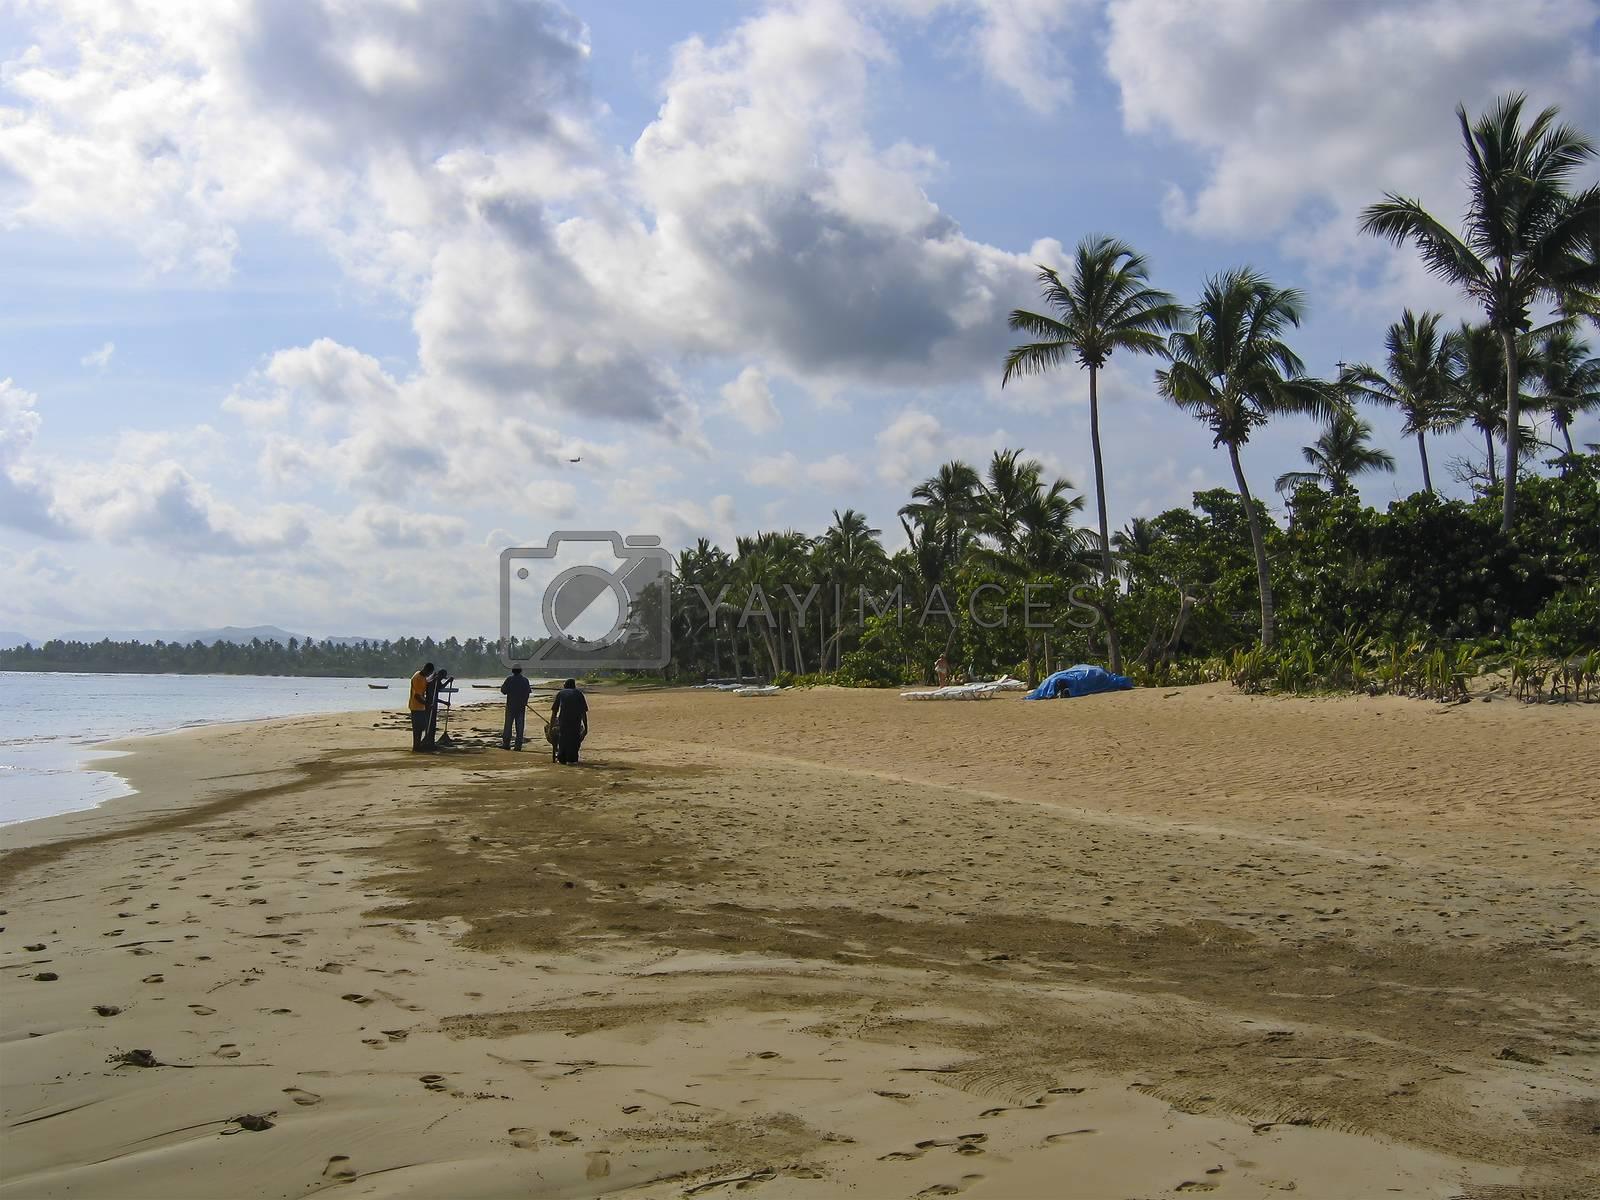 Locals clean the beach at Samana